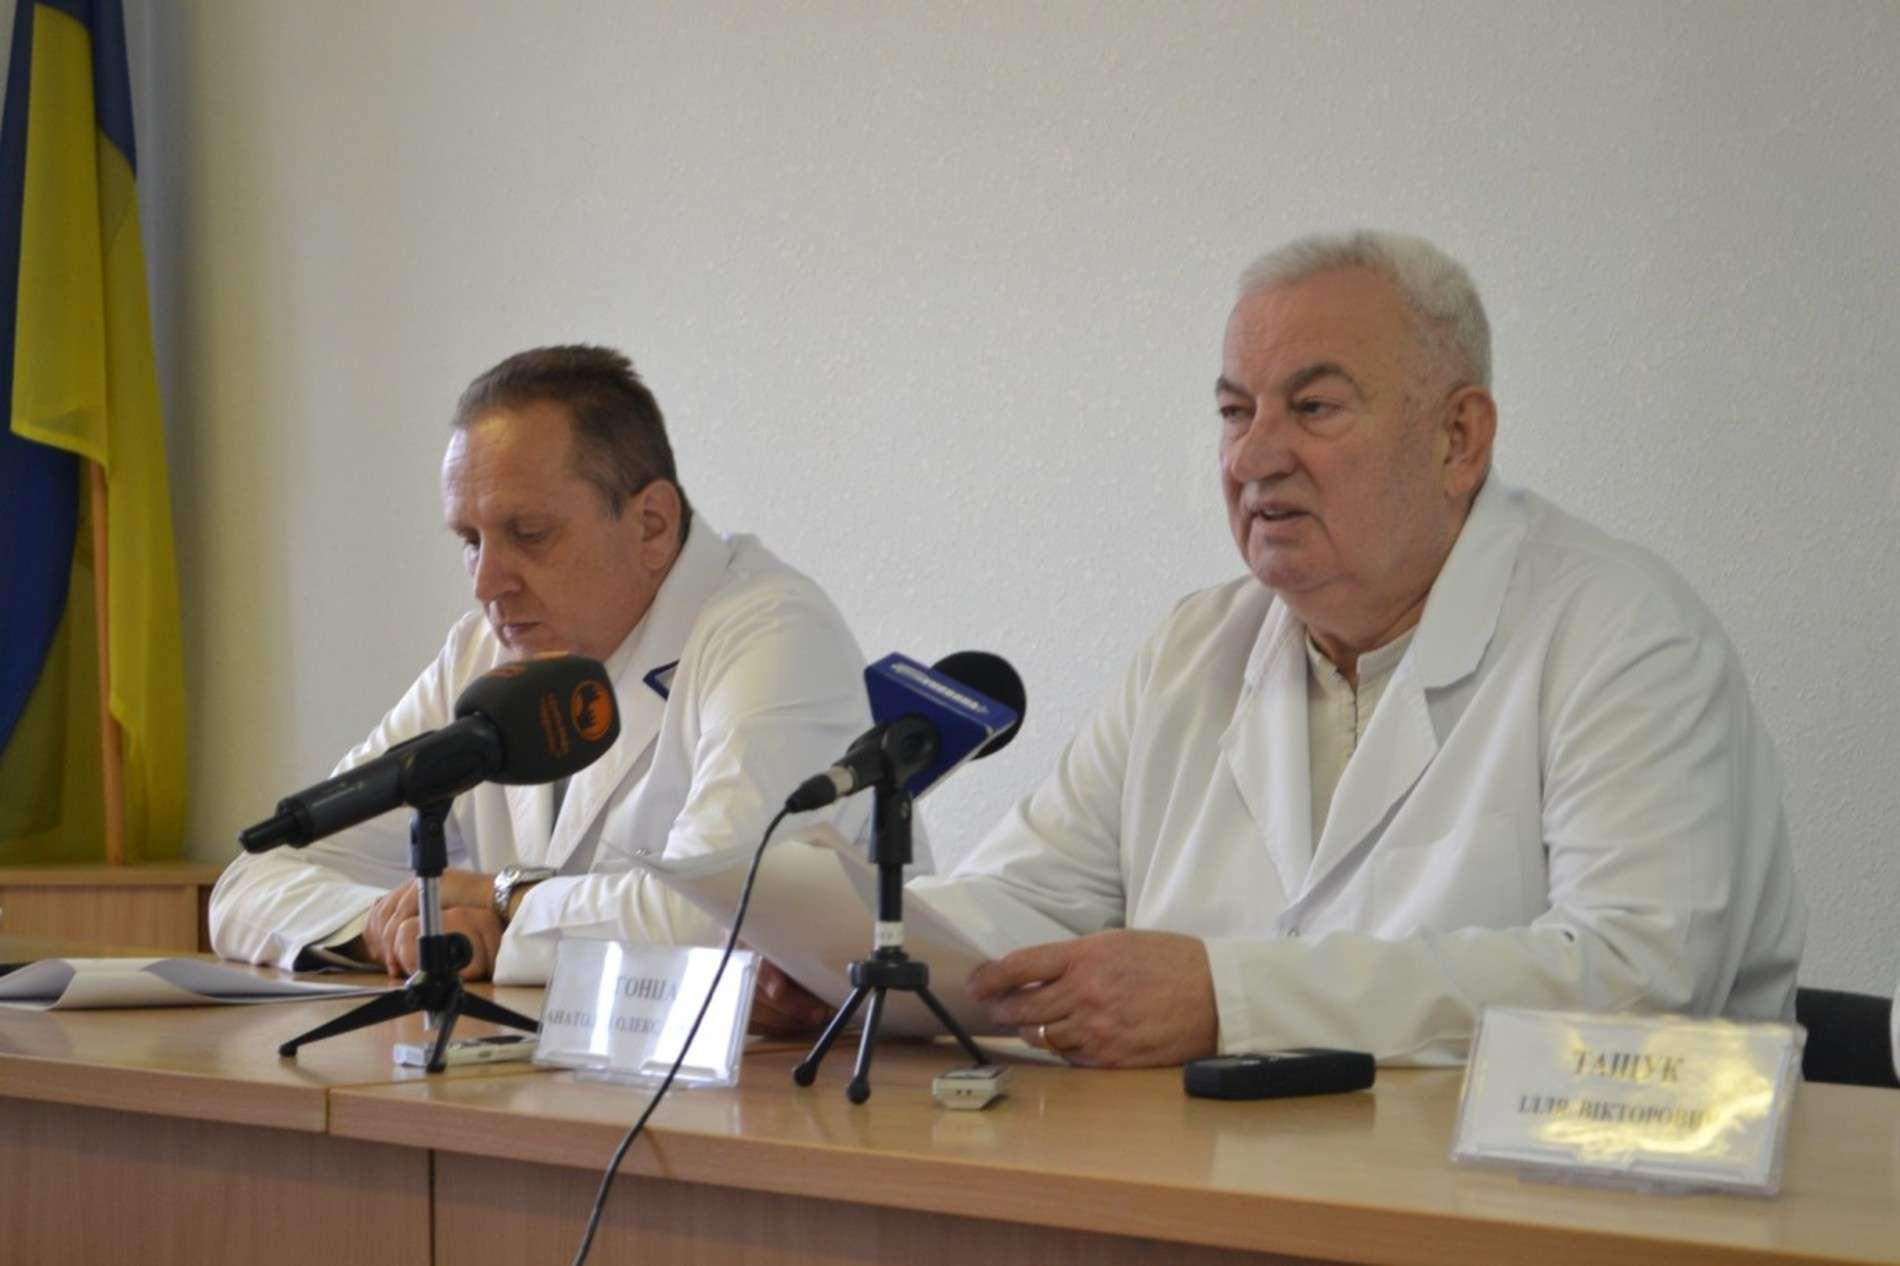 Онкологи Буковини: Хороші спеціалісти є, а грошей нема